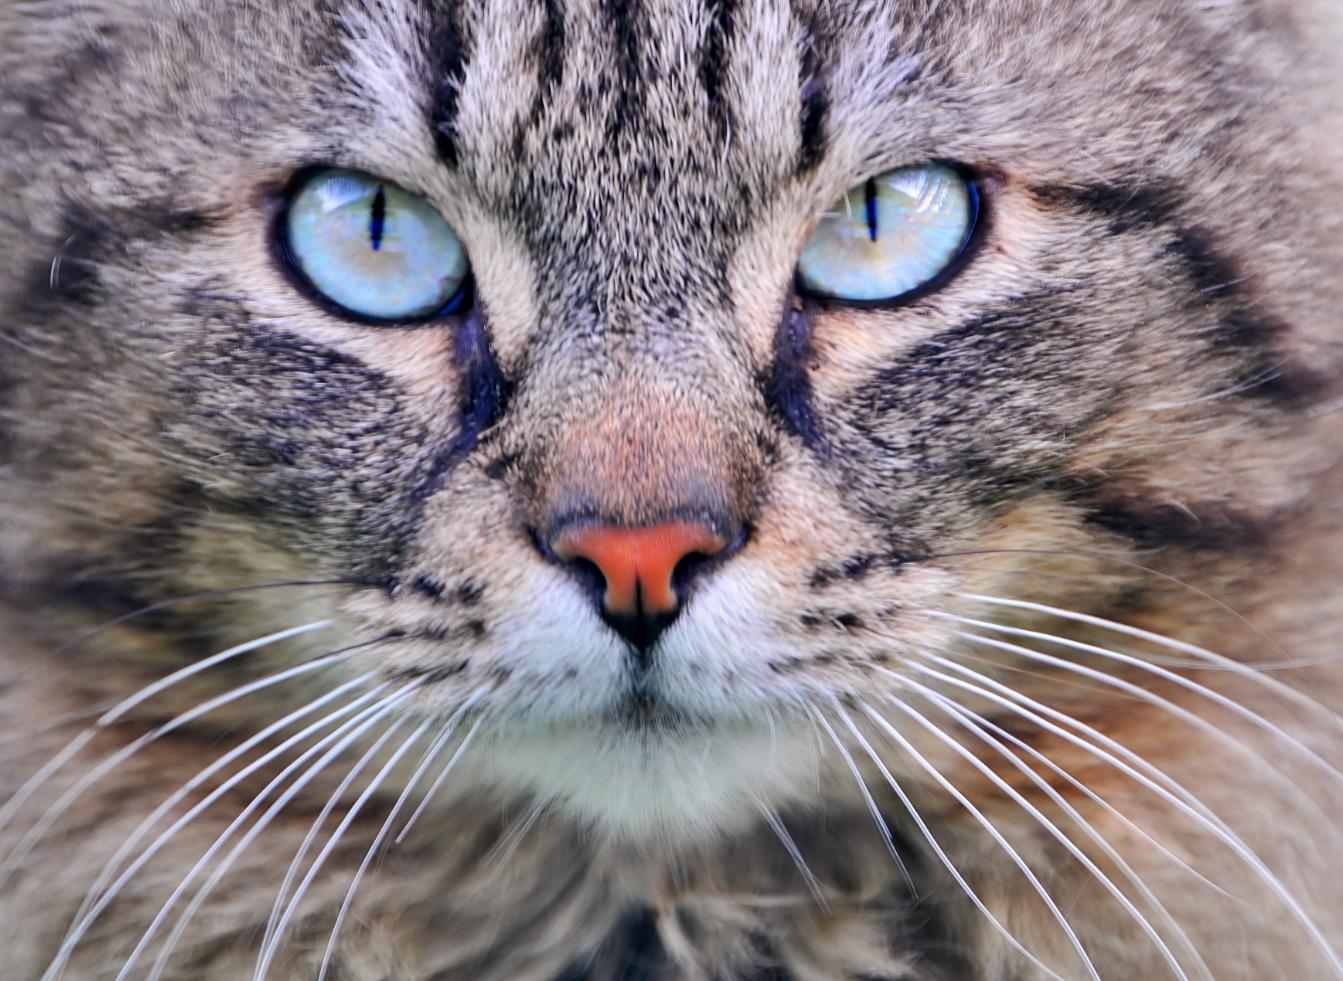 谷歌大脑养成记:从识别猫到突破性机器翻译